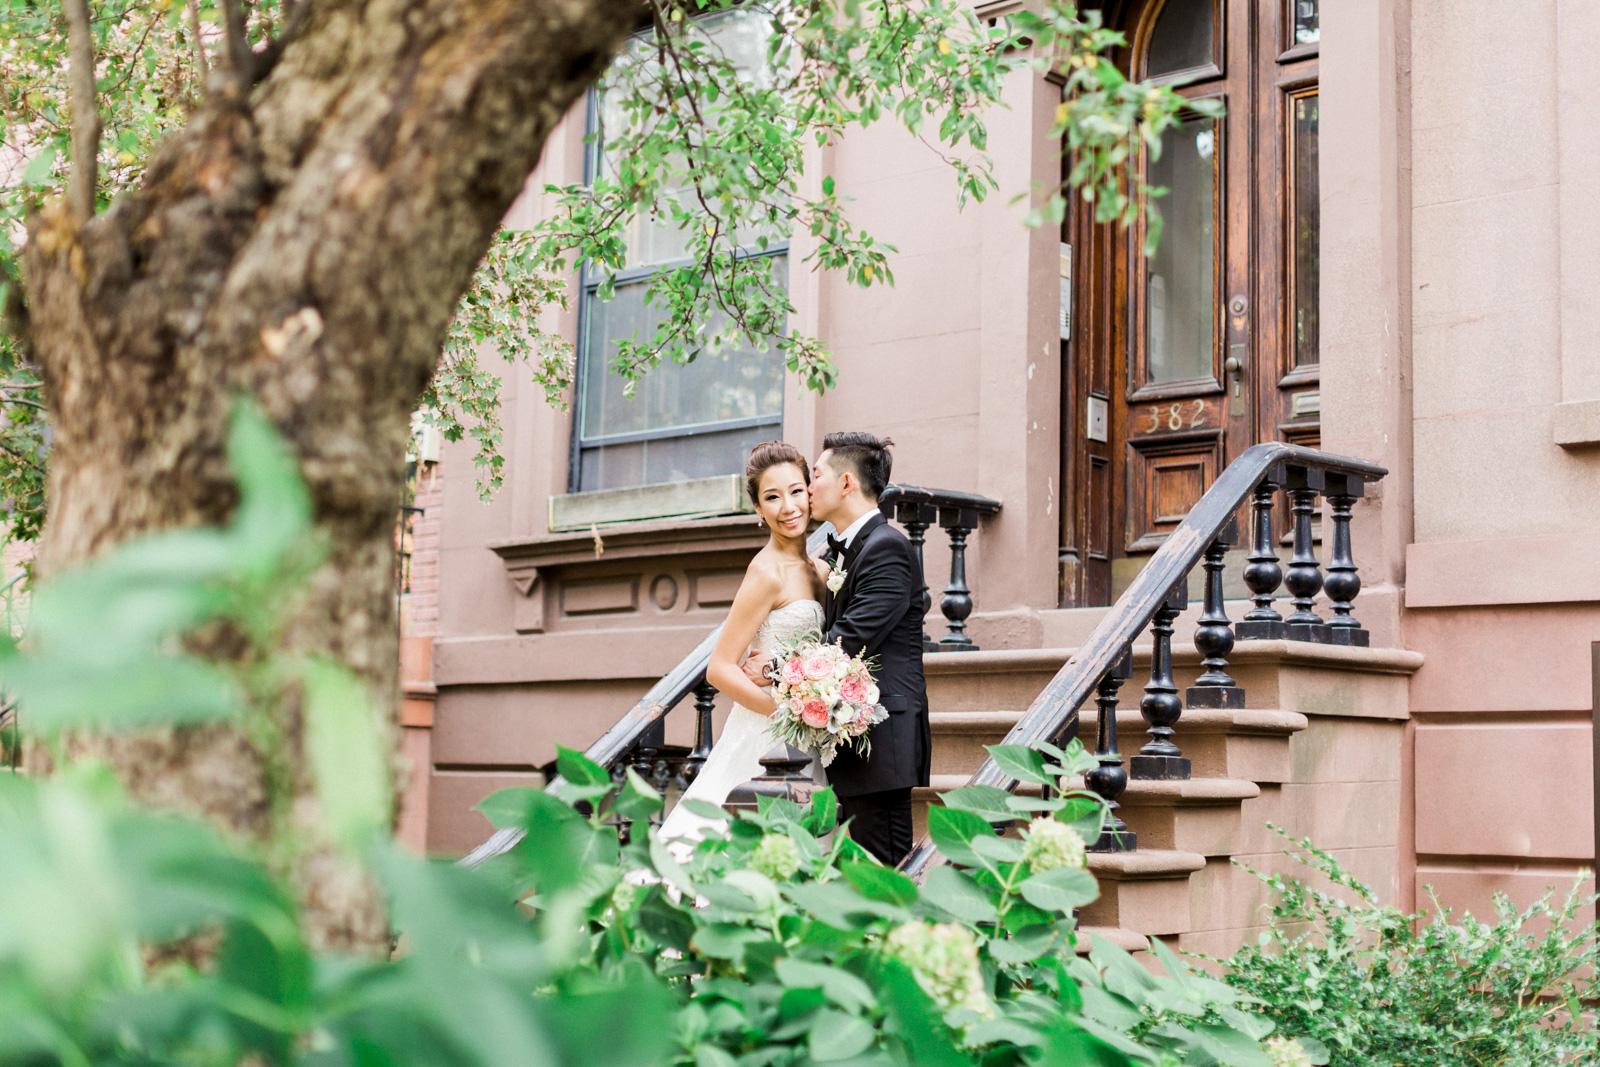 501union-wedding-brooklyn-NYC-0926.jpg